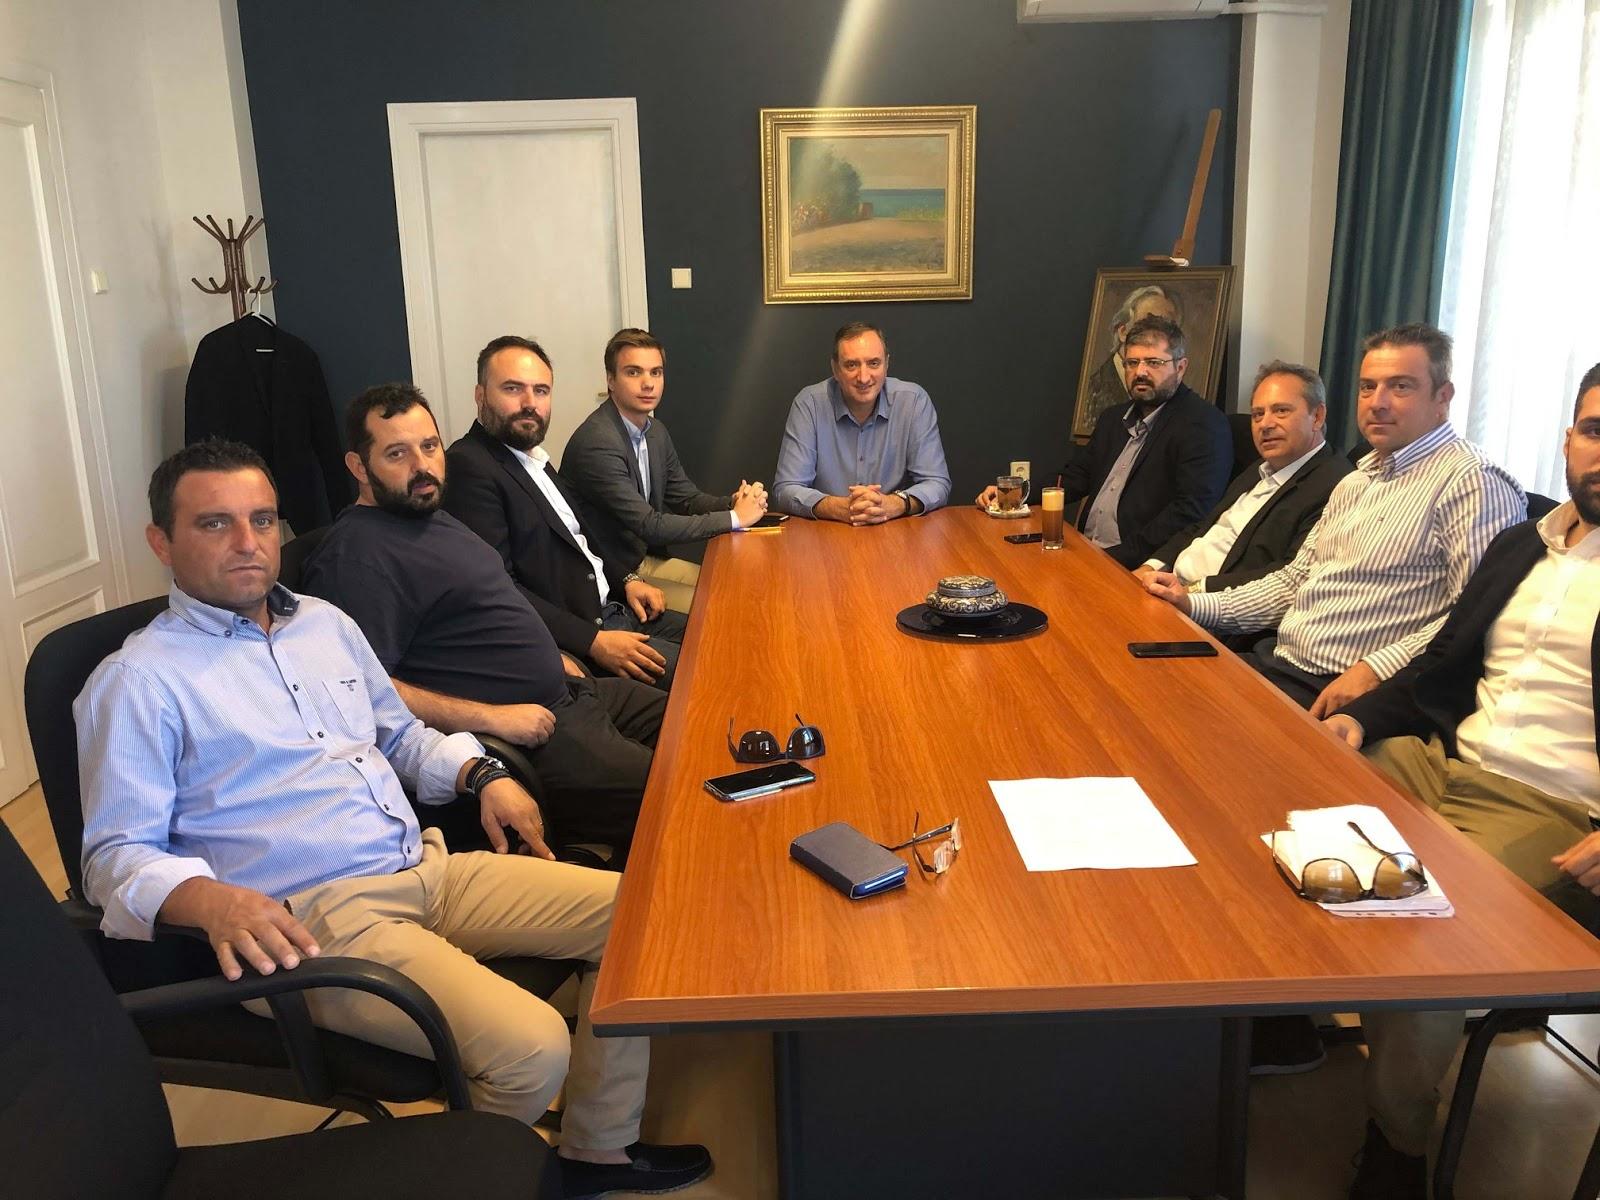 Συνάντηση του Δημάρχου Τυρνάβου με τον Πρόεδρο του Ινστιτούτου Γεωπονικών Επιστημών